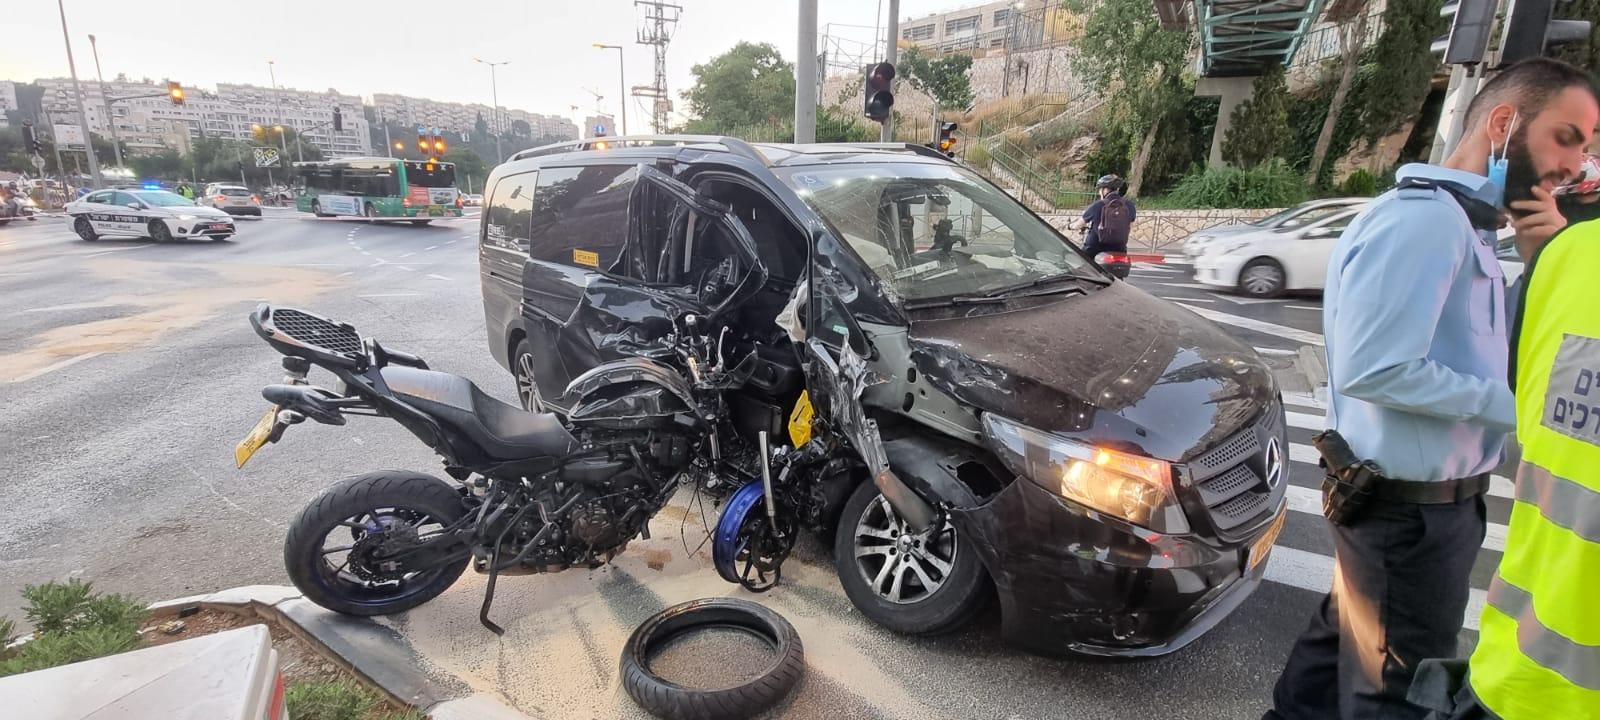 כך נראו הרכב שעבר באדום והאופנוע אחרי התאונה